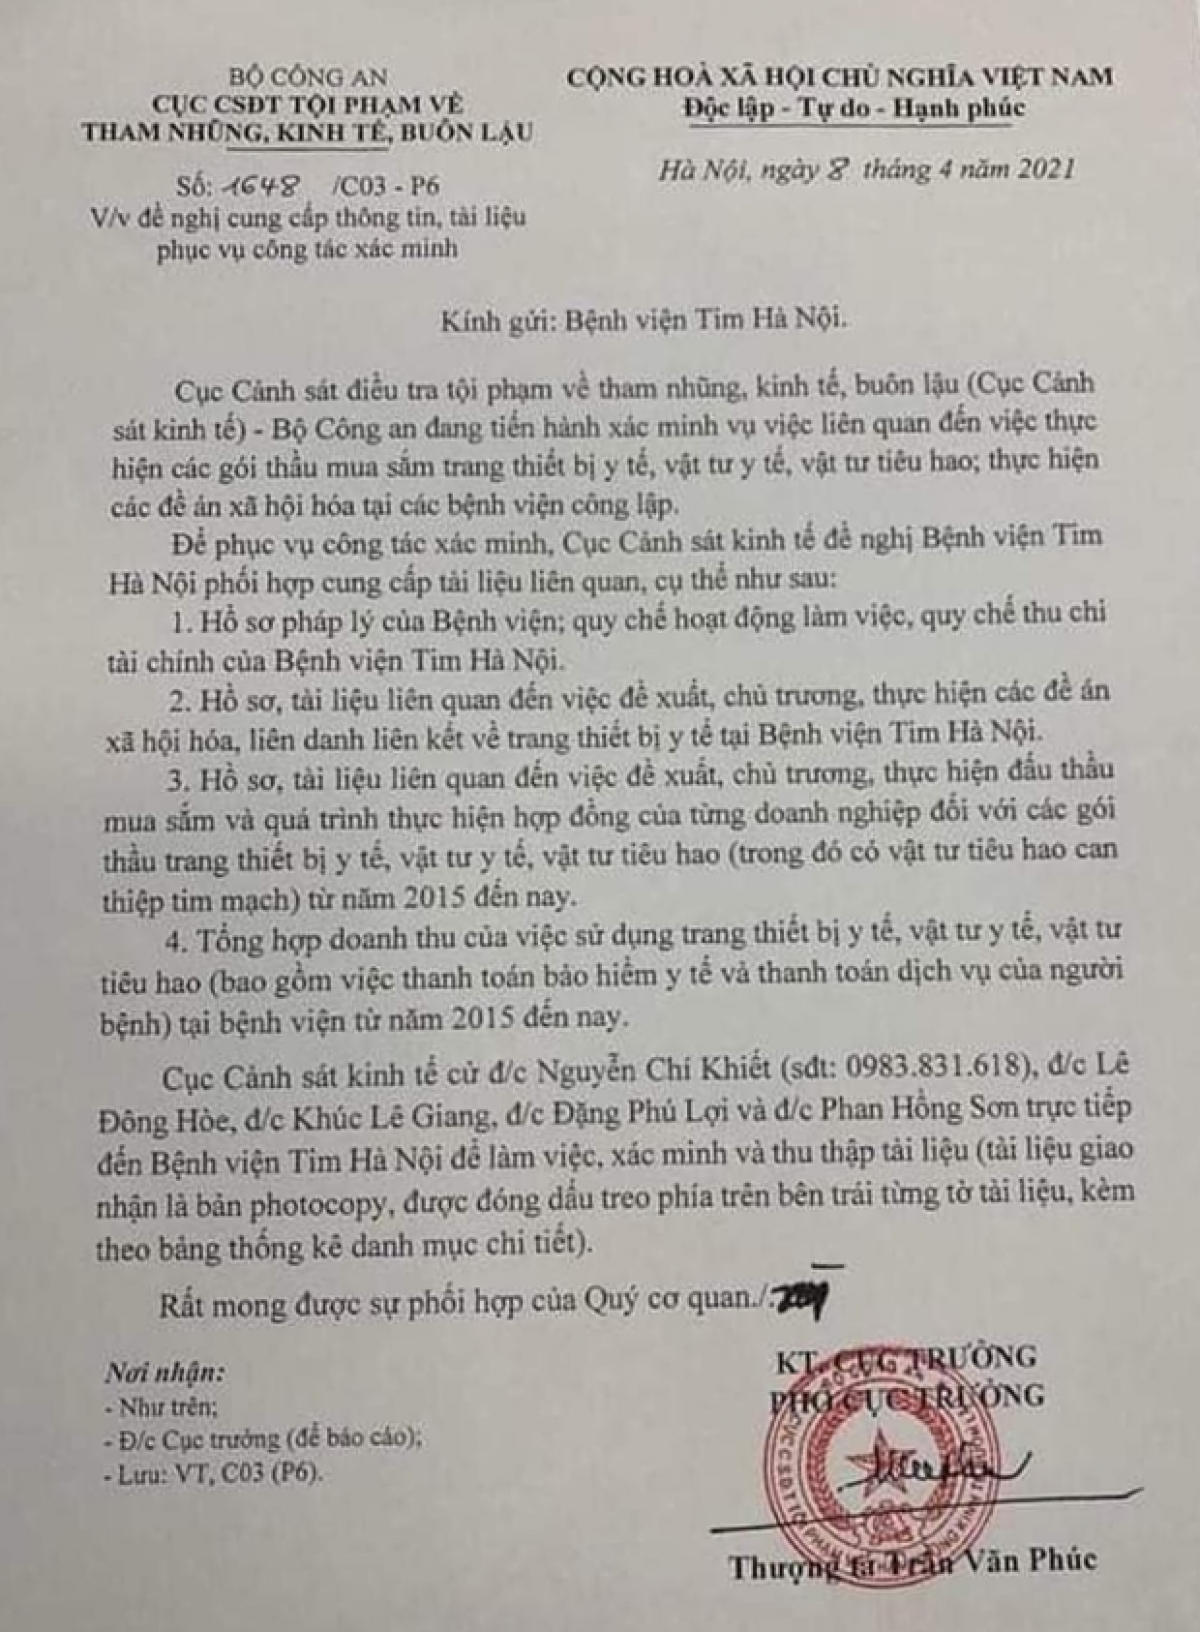 Công văn của C03 gửi Bệnh viện Tim Hà Nội.